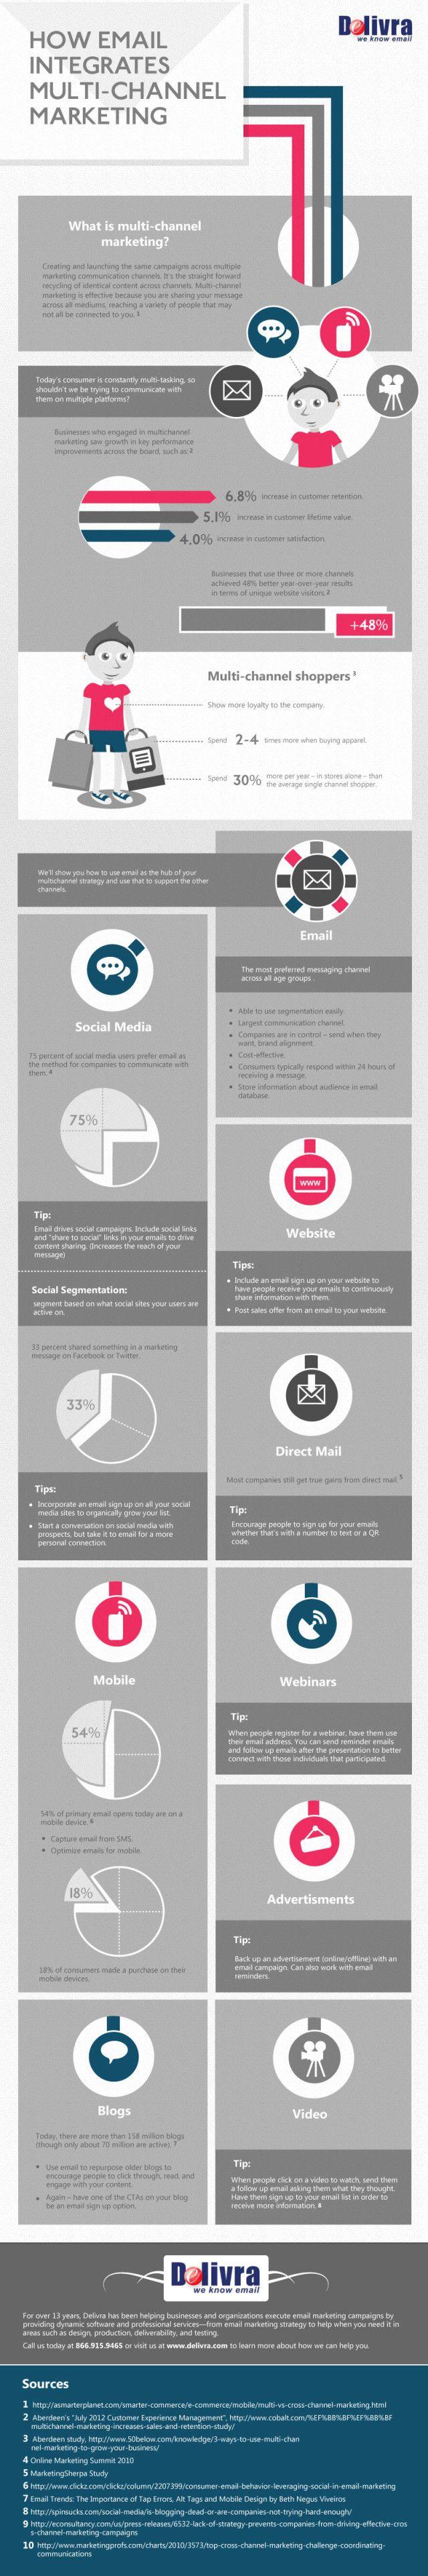 E-Mailmarketing ist ein Teil der Martketingstrategie, welche sich über mehrere Kanäle aufstellen soll.    repinned by someid.de